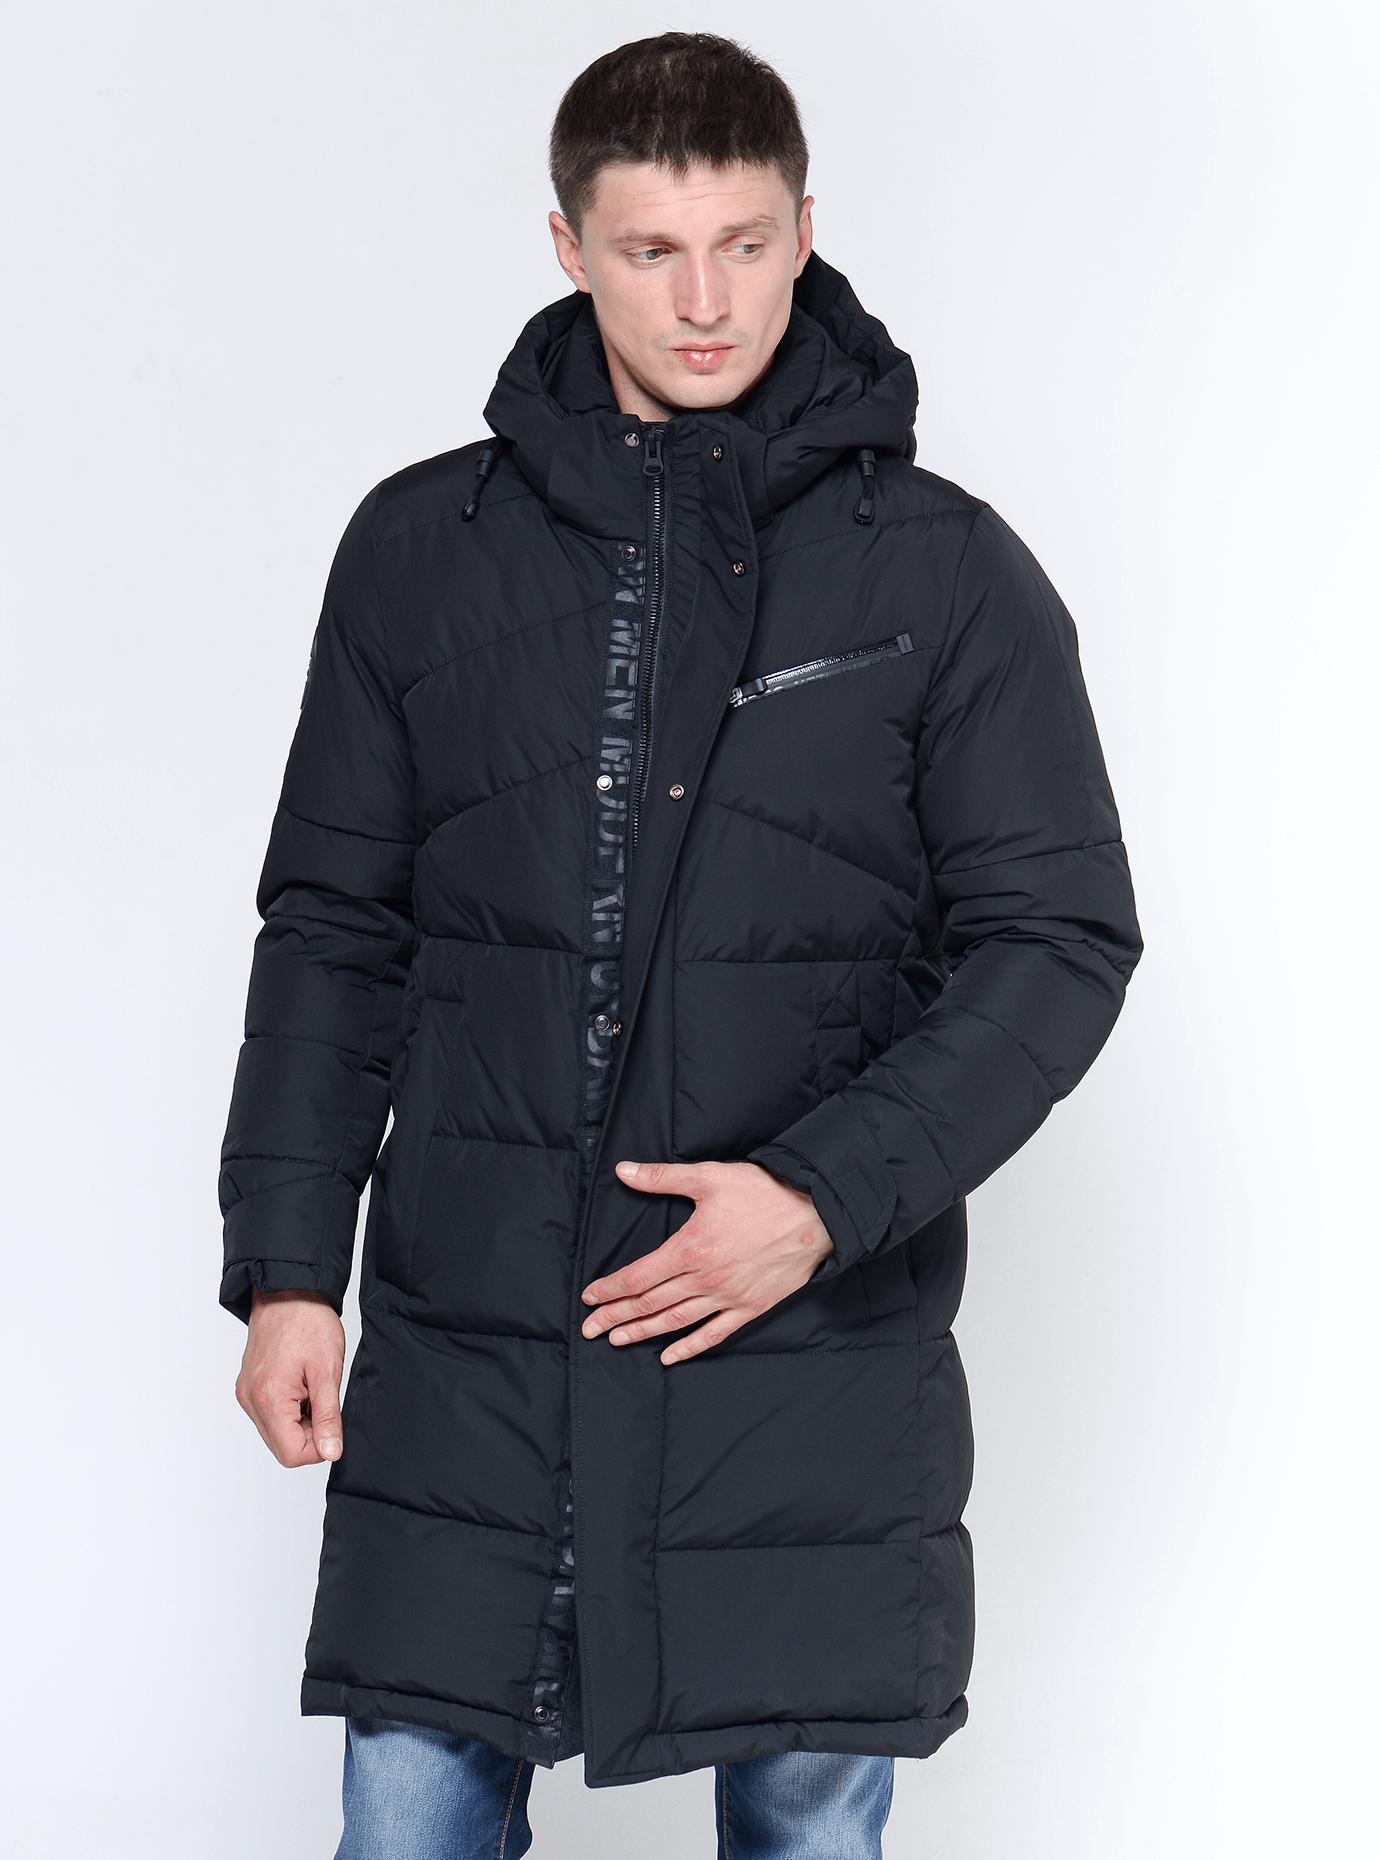 Зимняя мужская куртка Чёрный 46 (02-MC19235): фото - Alster.ua